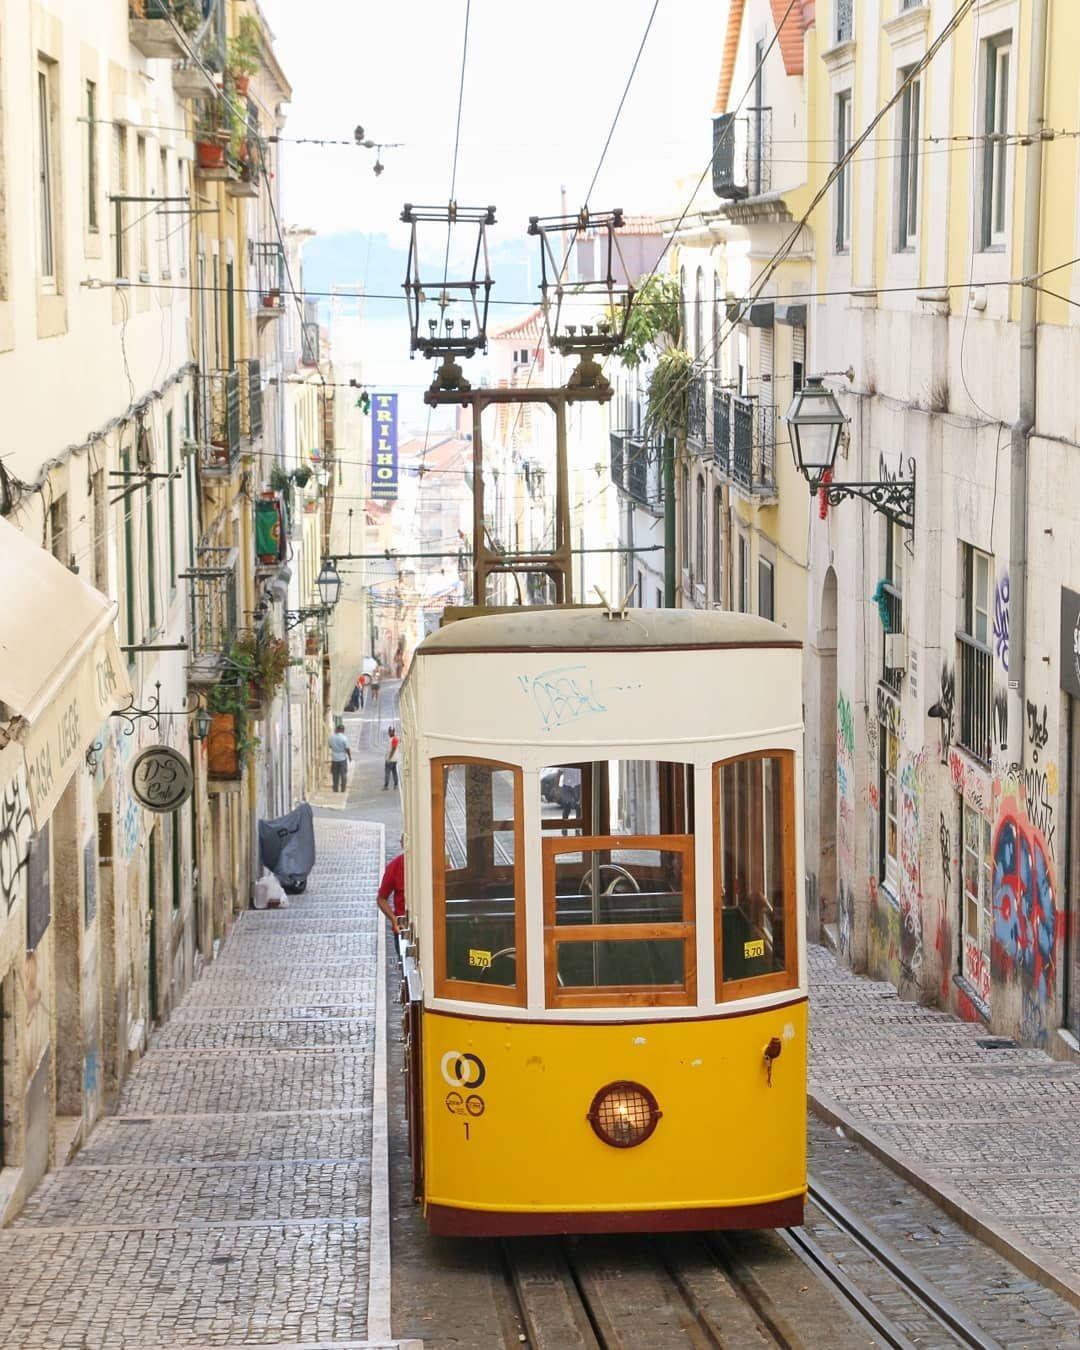 Hach Lissabon Die 25 Anderen Touris Die Hinter Mir Standen Und Das Gleiche Foto Geschossen Haben Erwahne Ich Lissabon Portugal Lissabon Restaurant Lissabon